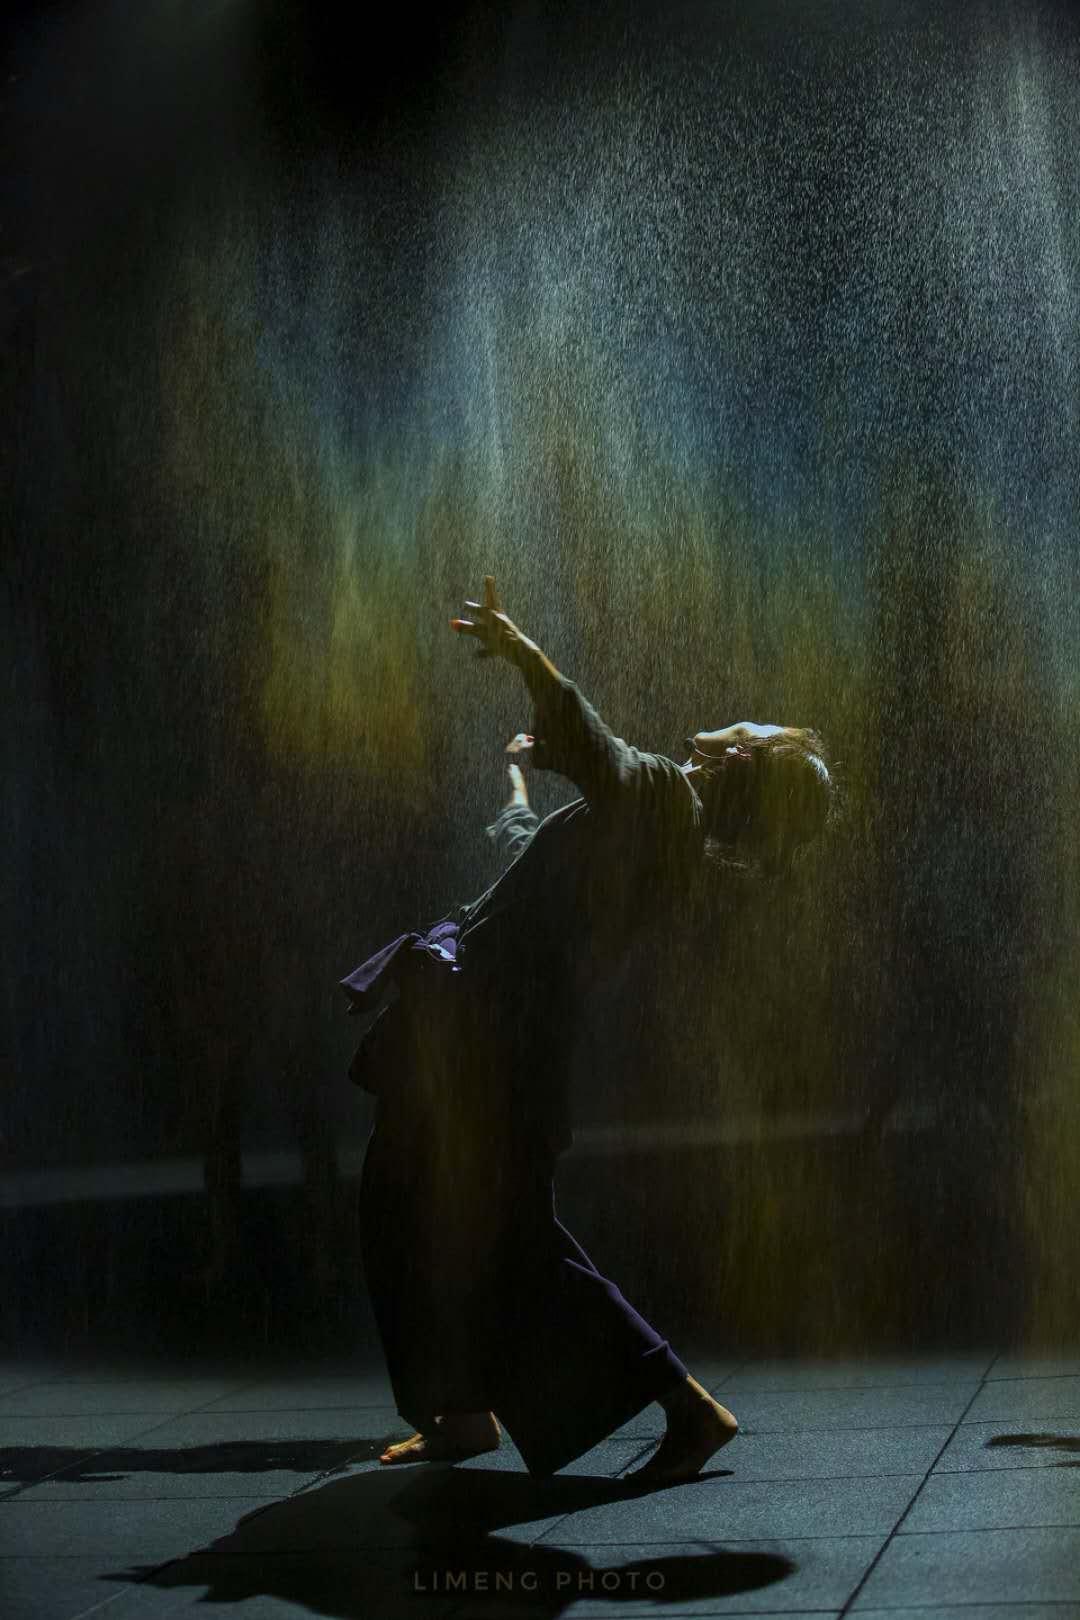 高艳津子对话埃利亚松:艺术装置与舞蹈重构的意义